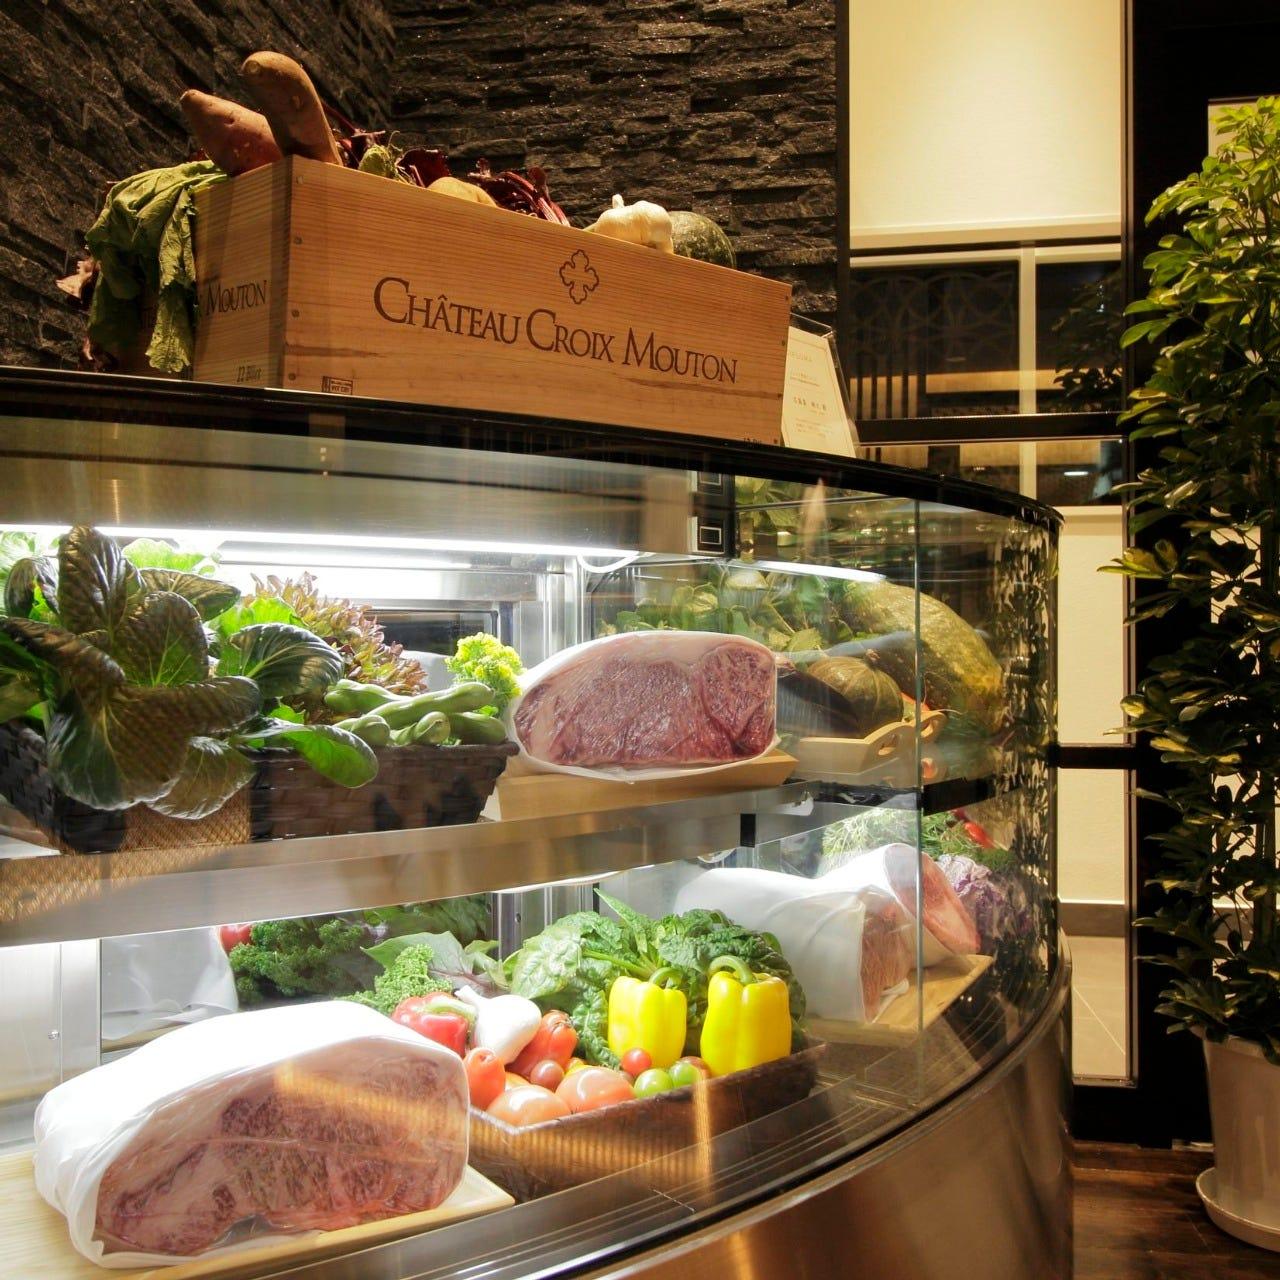 栃木県産の新鮮で安心安全な食材